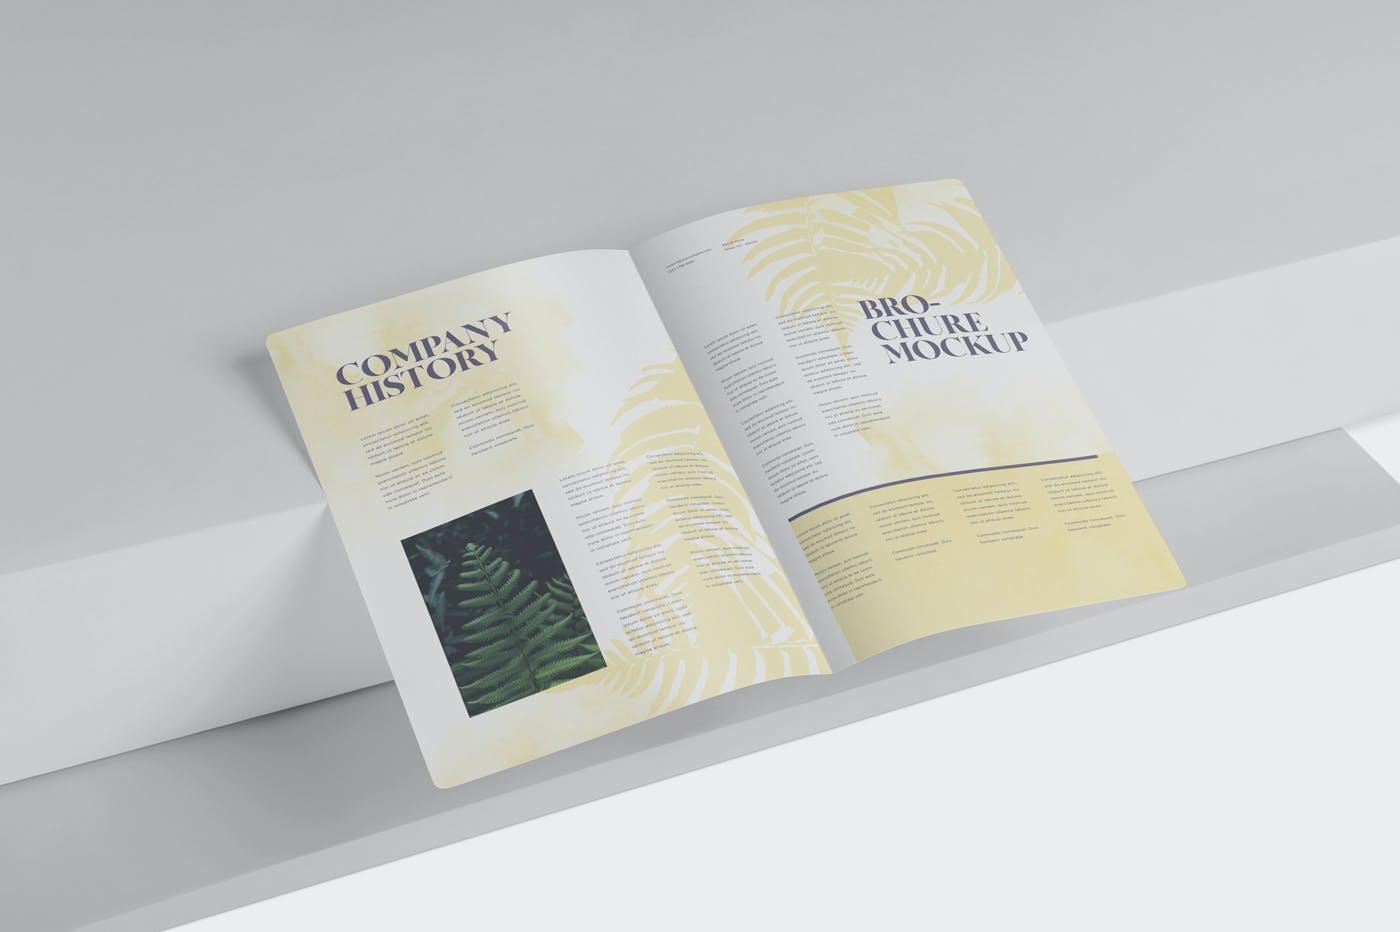 精美A5两折页小册子设计展示样机 A5 Bi-Fold Brochure Mockup Set – Round Corner插图(3)